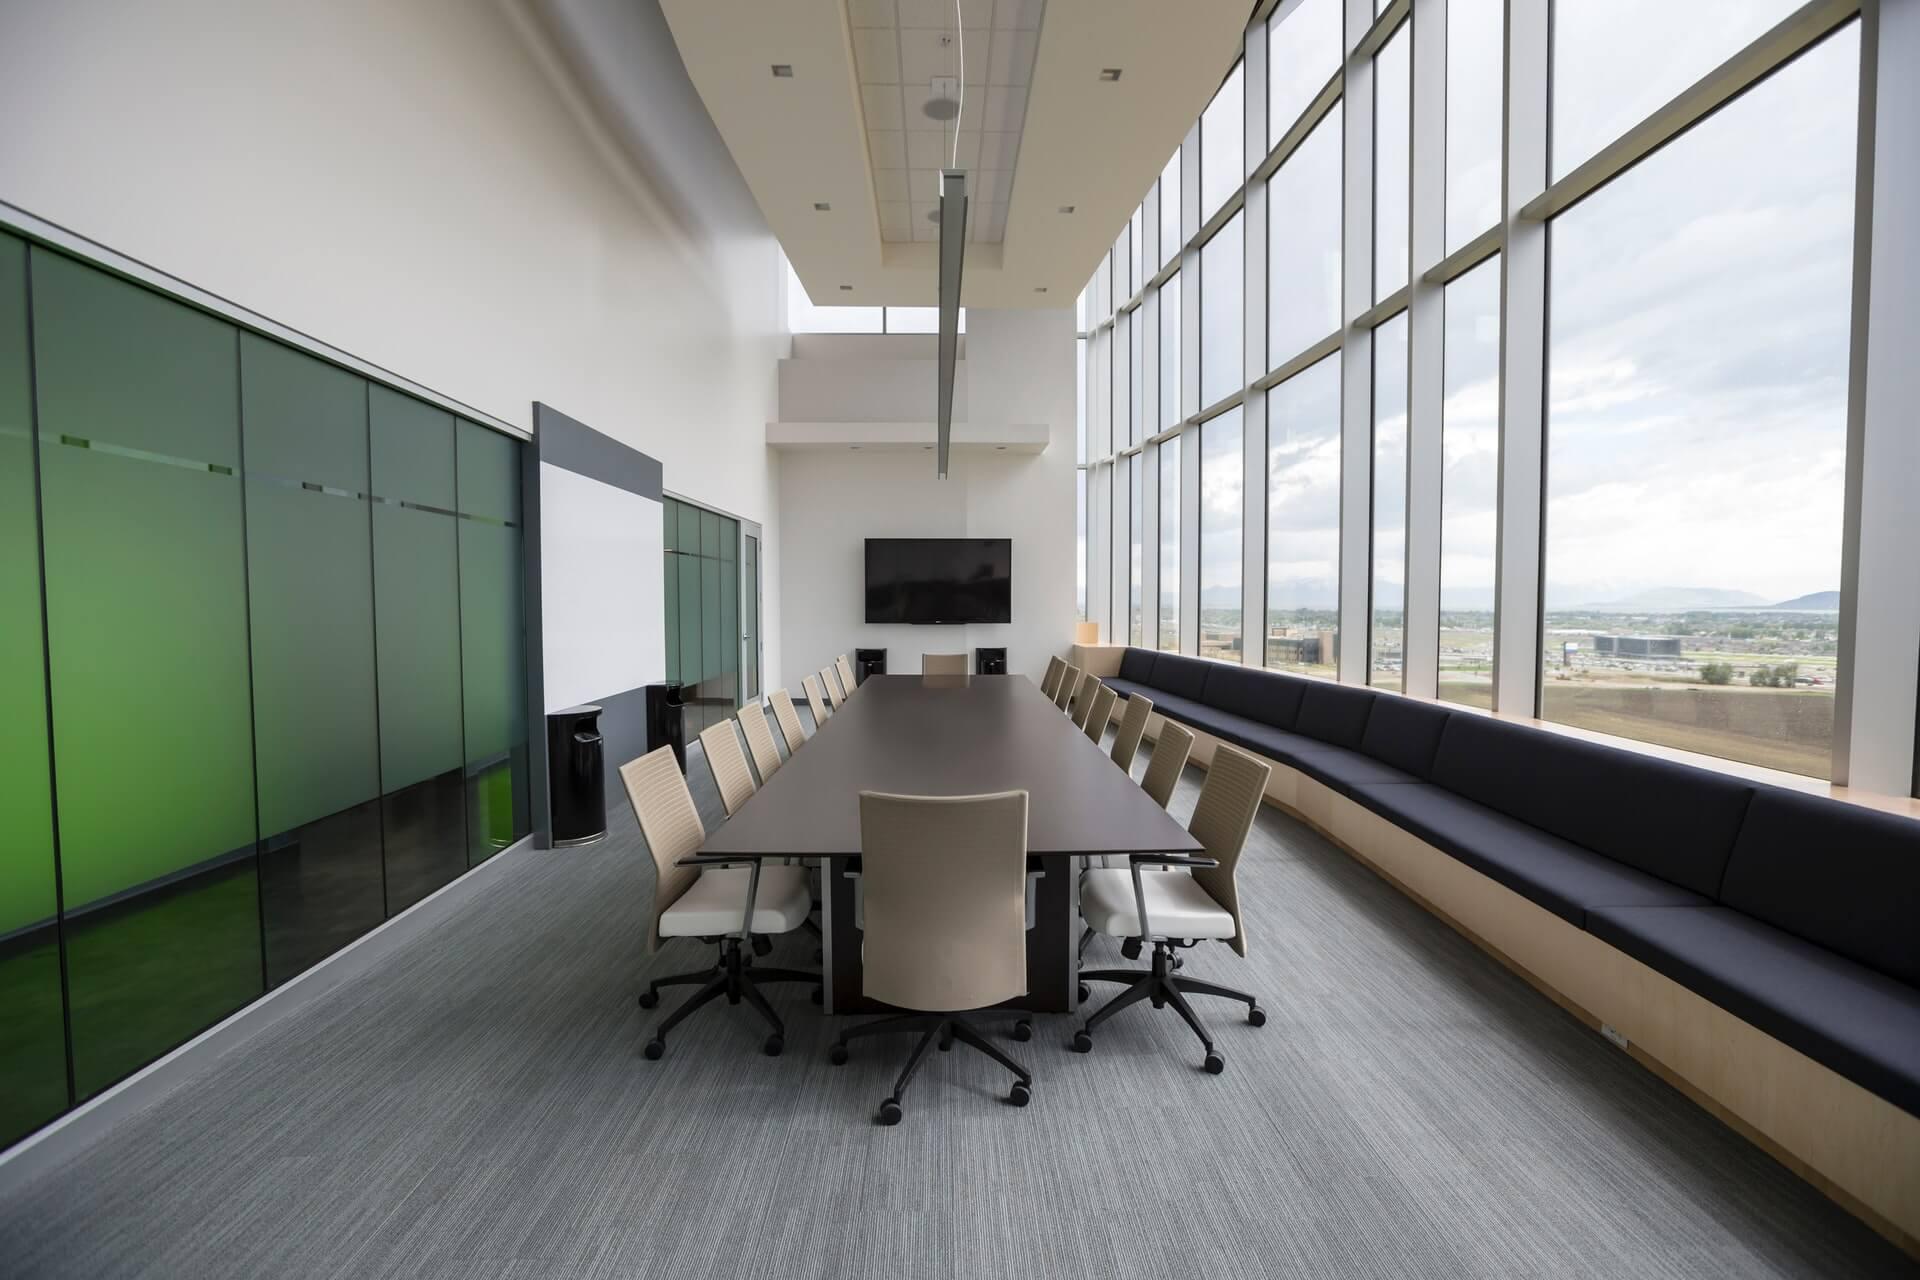 ファミリーオフィスの機能とは?運用上の課題や担当者の役割も解説